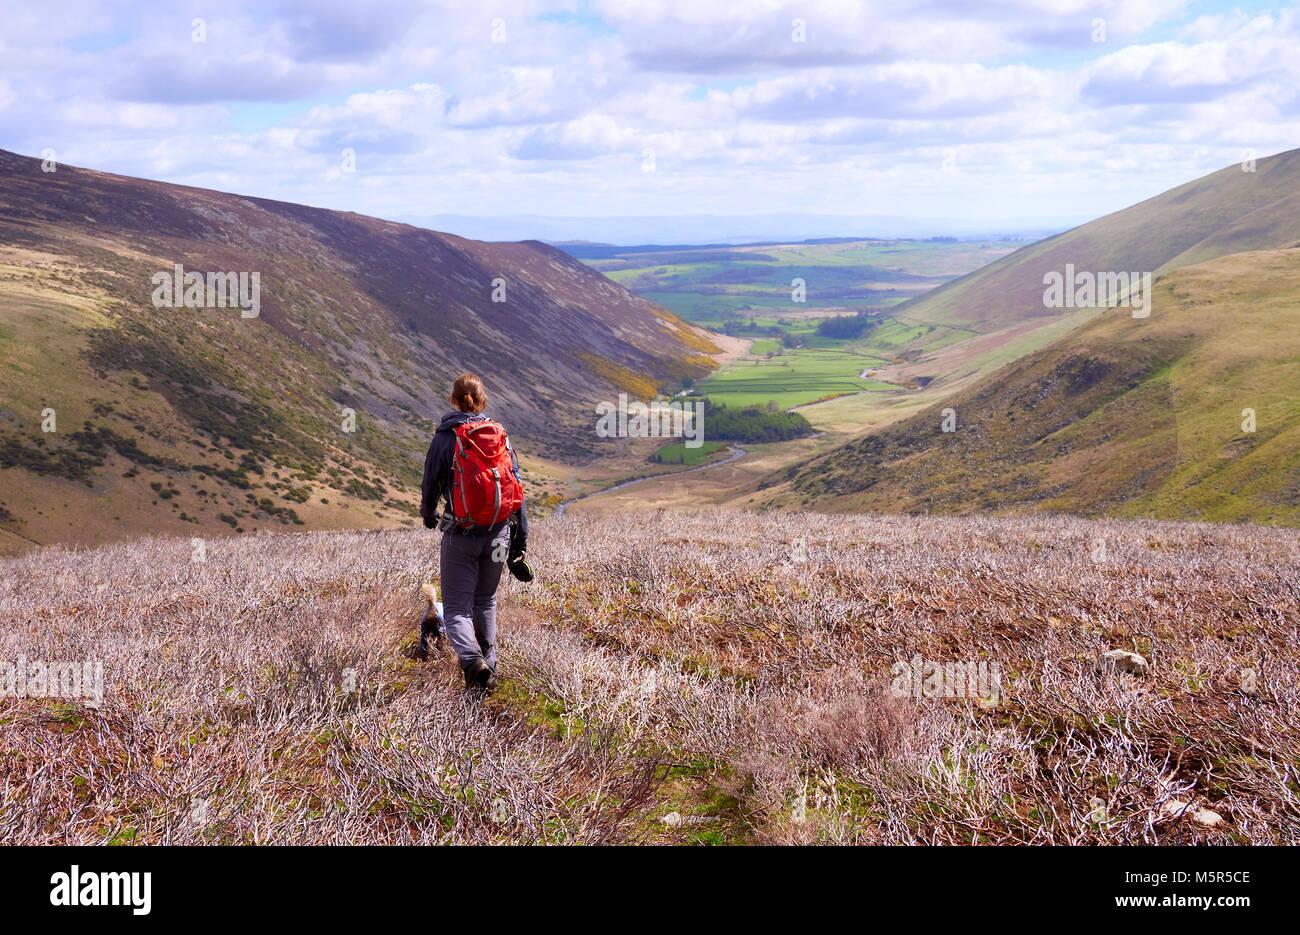 Ein Wanderer und ihrem Hund in absteigender Reihenfolge von Klamm Höhen in Richtung Mosedale und Fluss Caldew Stockbild